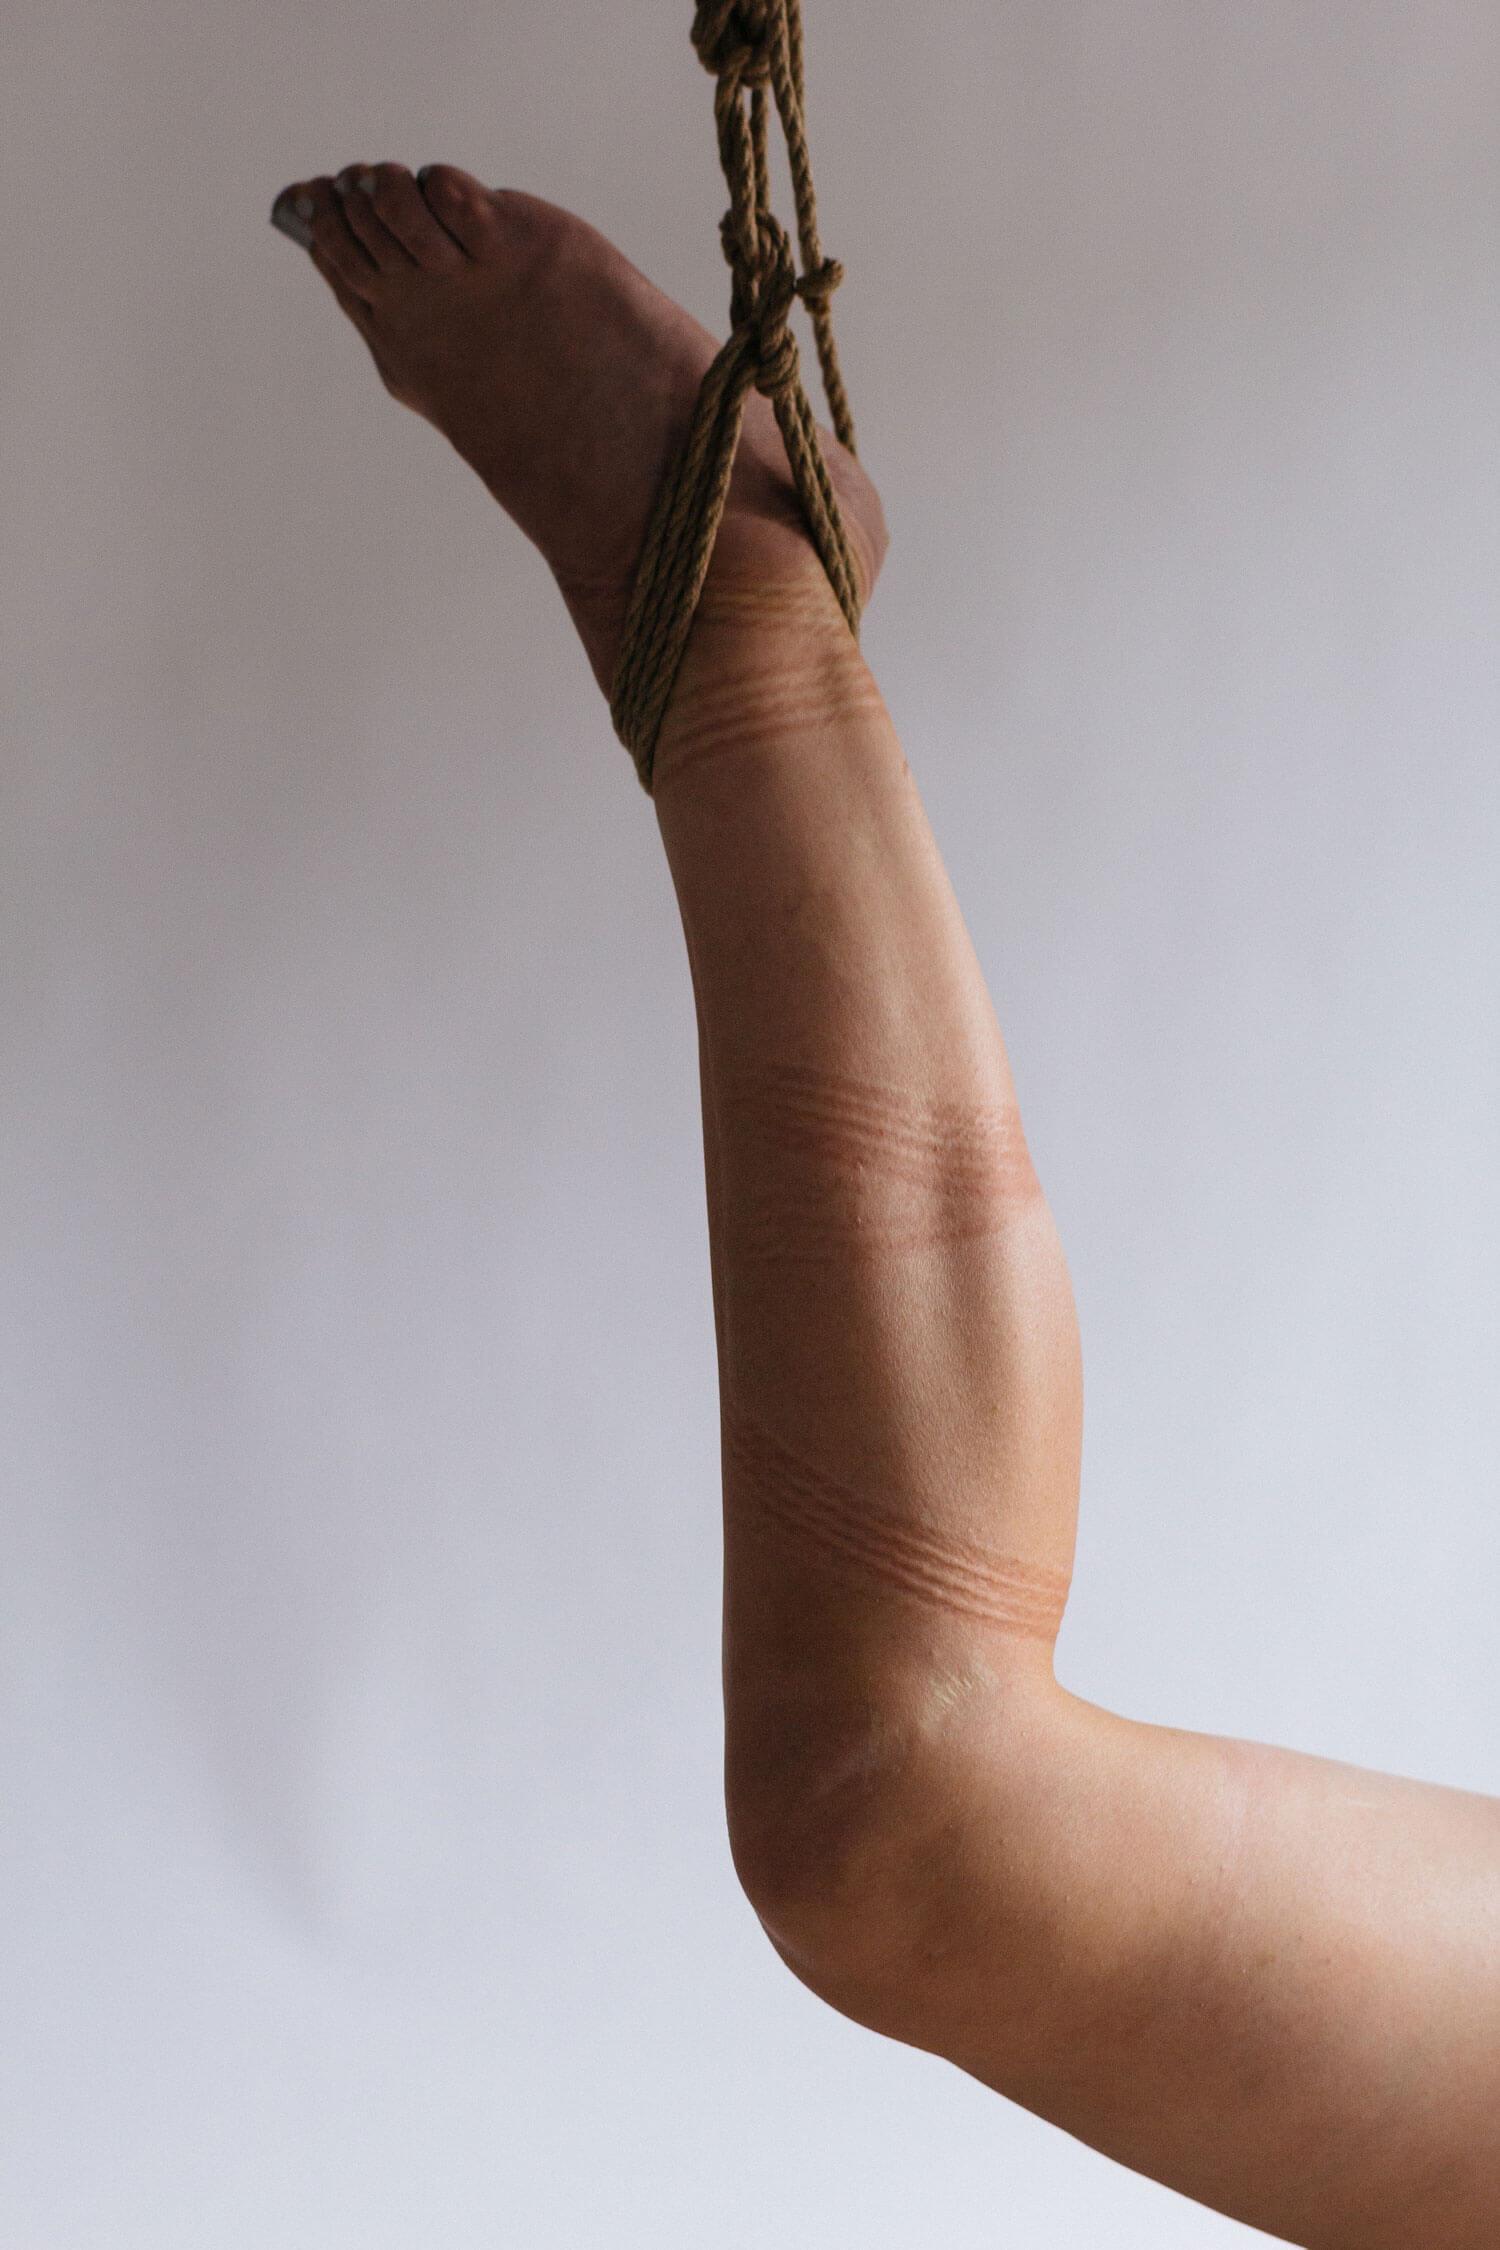 se pune o șosetă pe penis